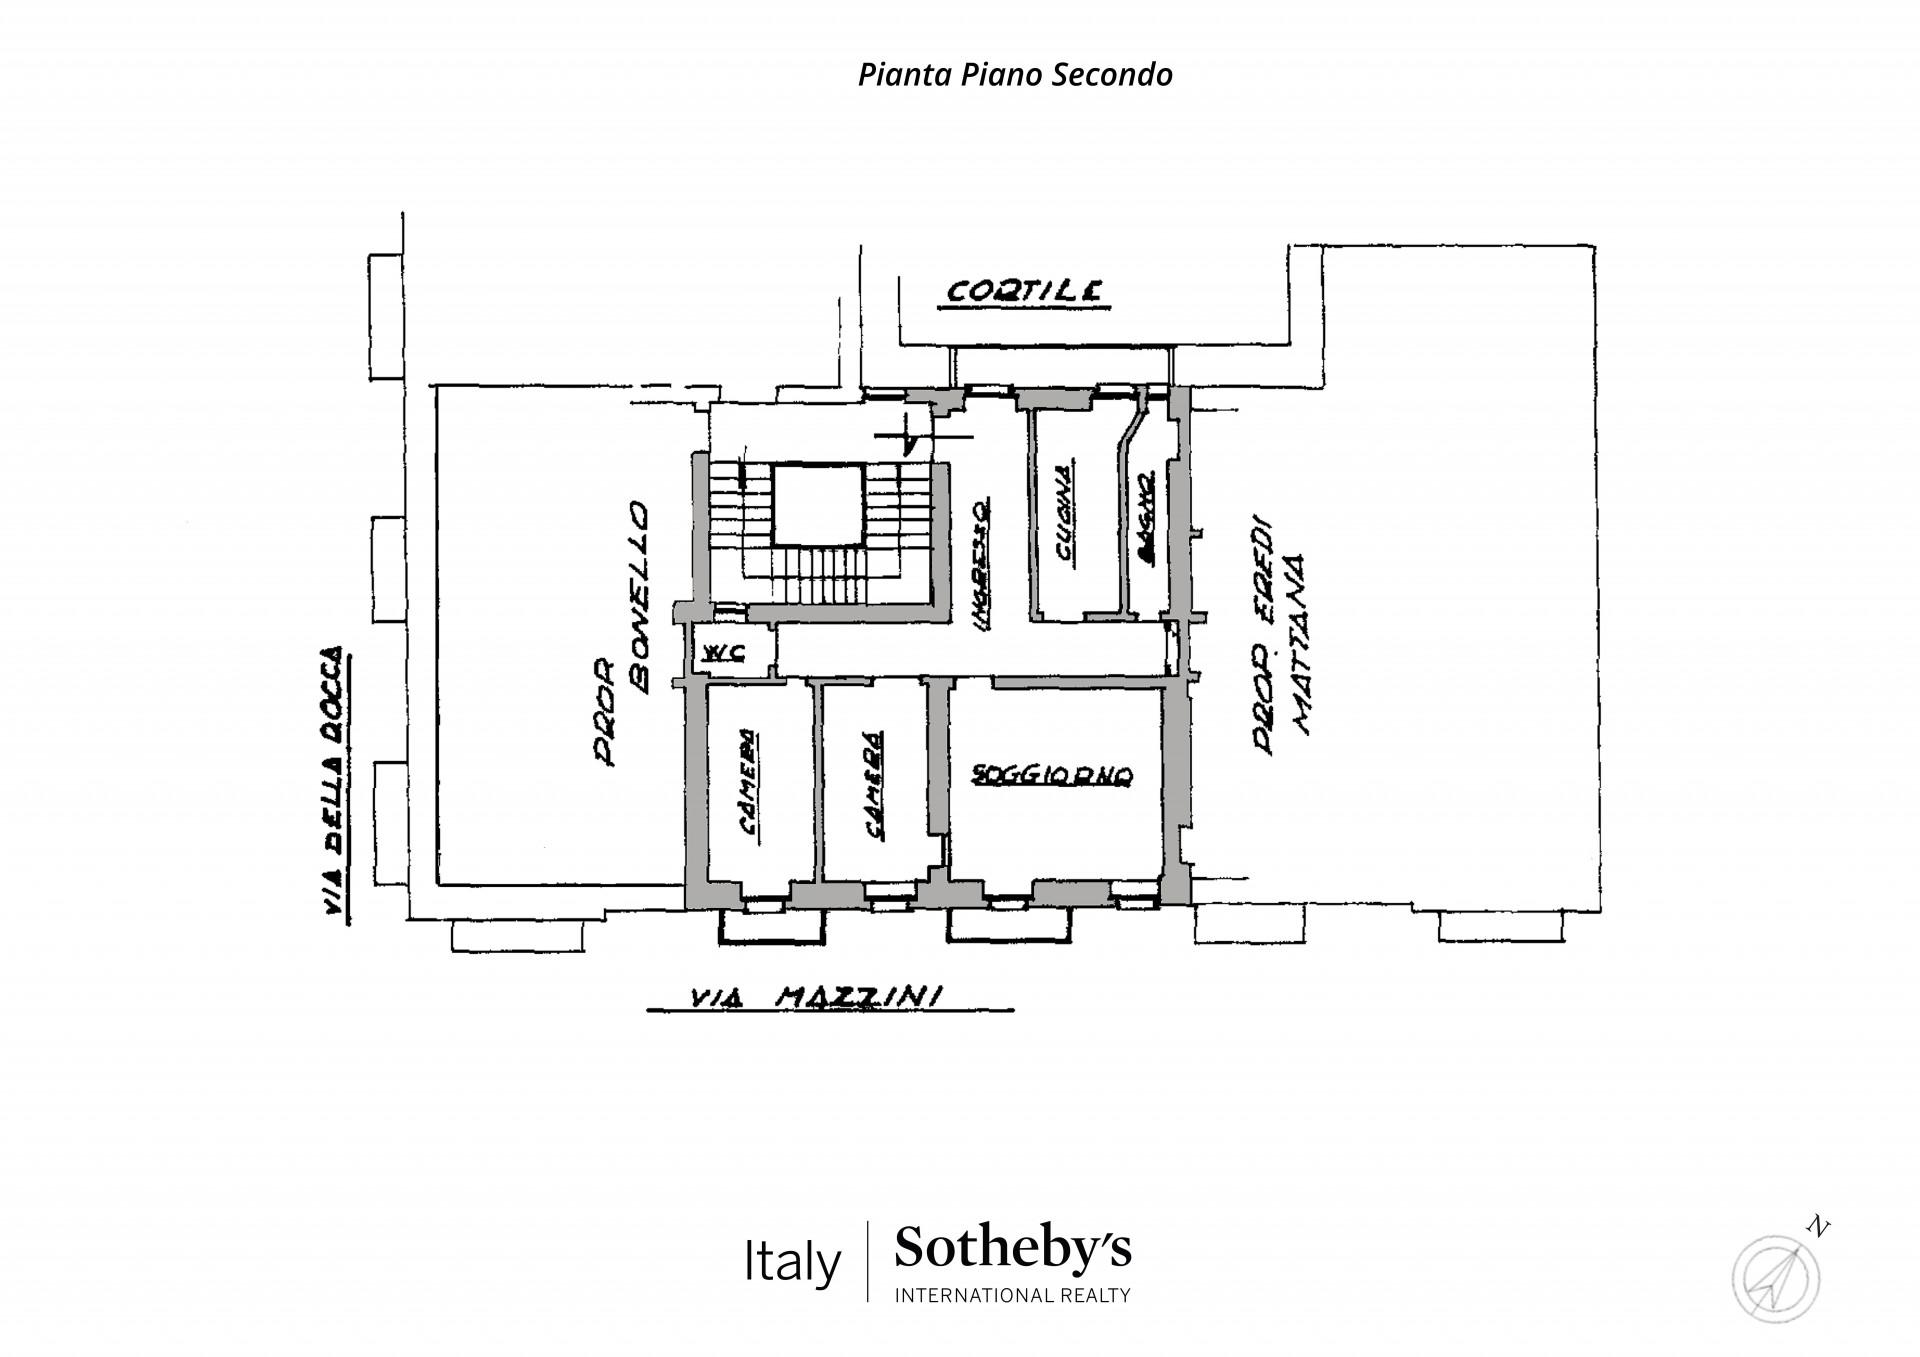 Appartamento in Vendita a Torino: 4 locali, 112 mq - Foto 21